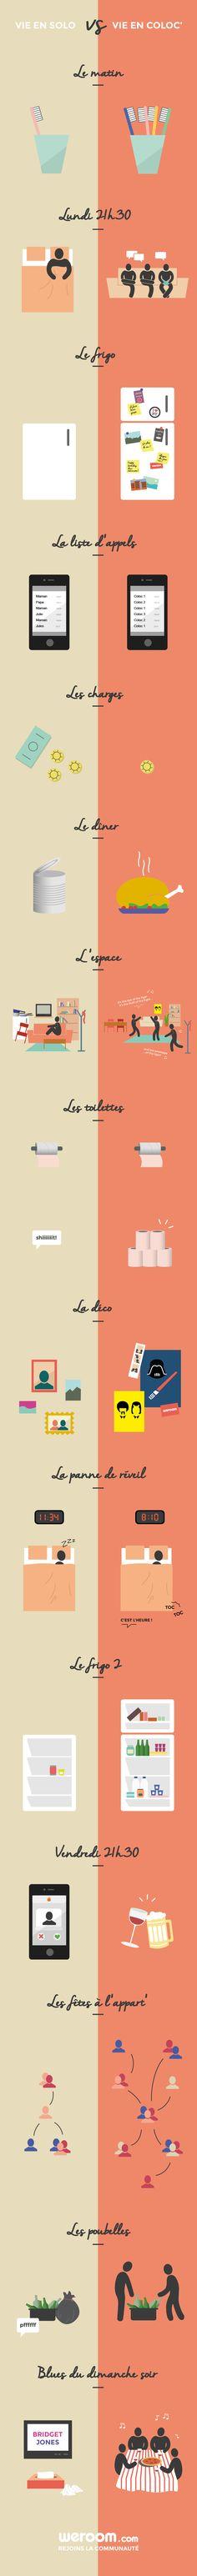 #Infographie Vie en Solo vs Vie en Coloc' #colocation #weroom